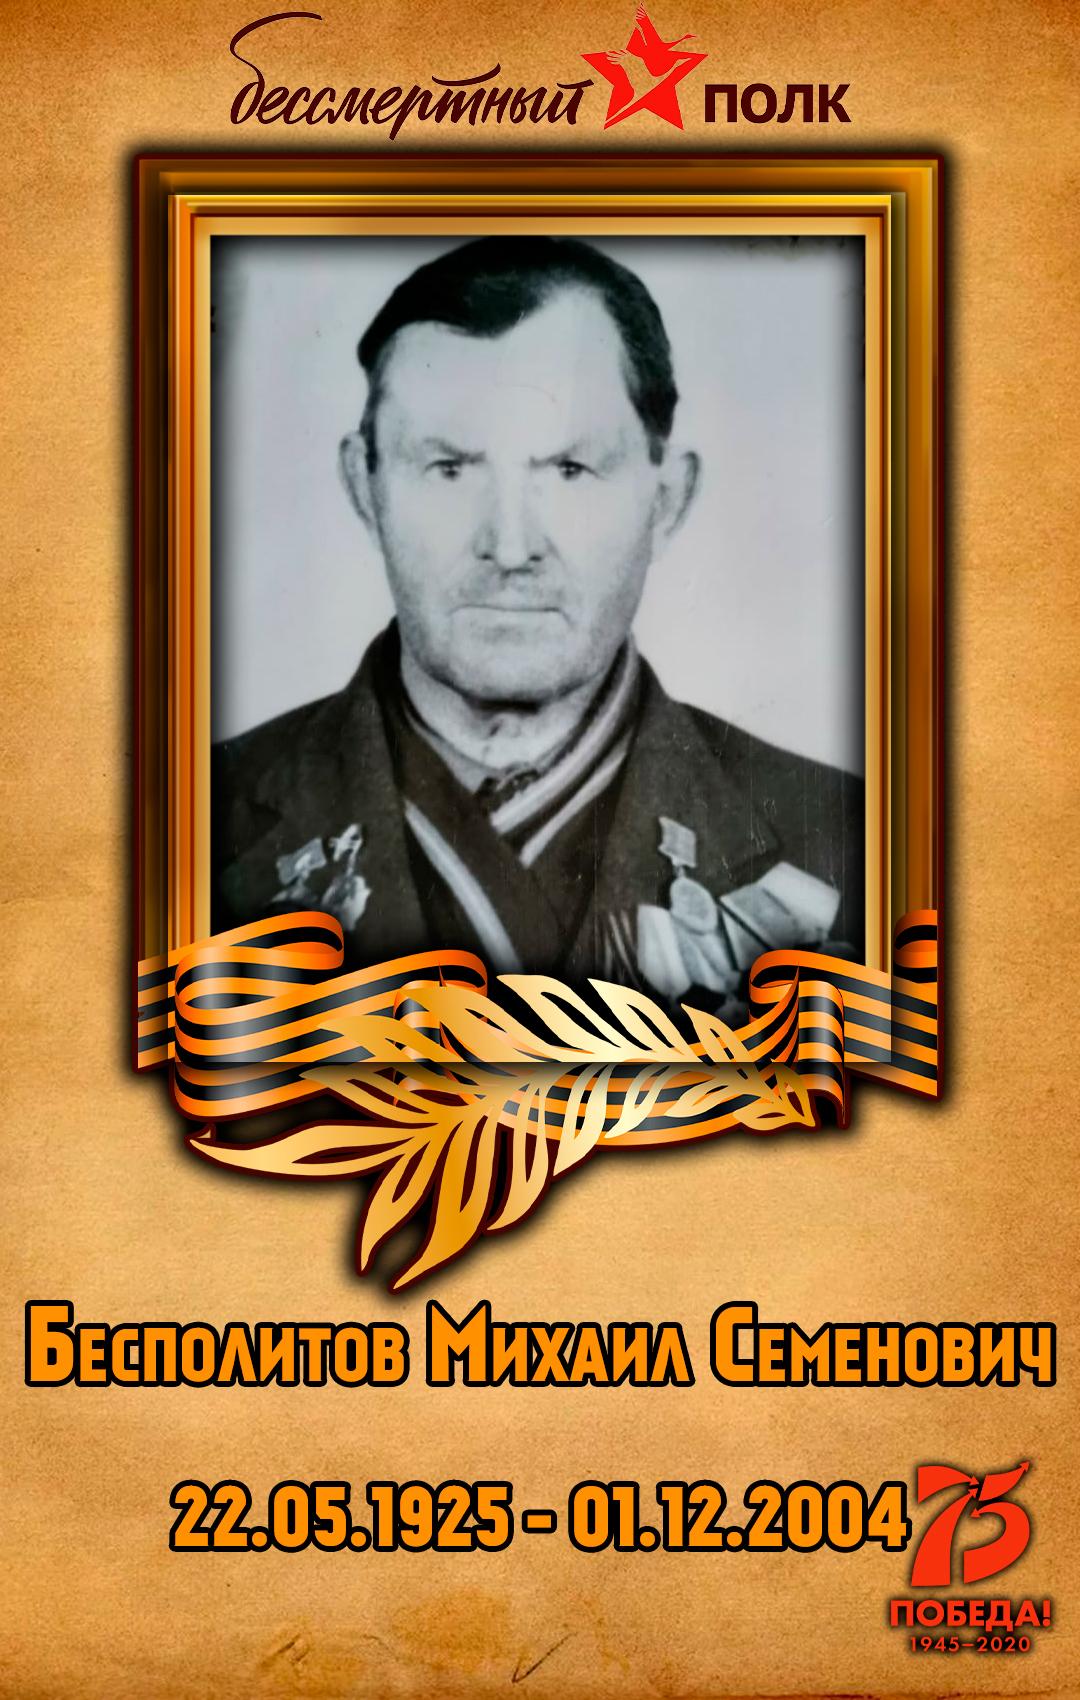 Бесполитов-Михаил-Семенович